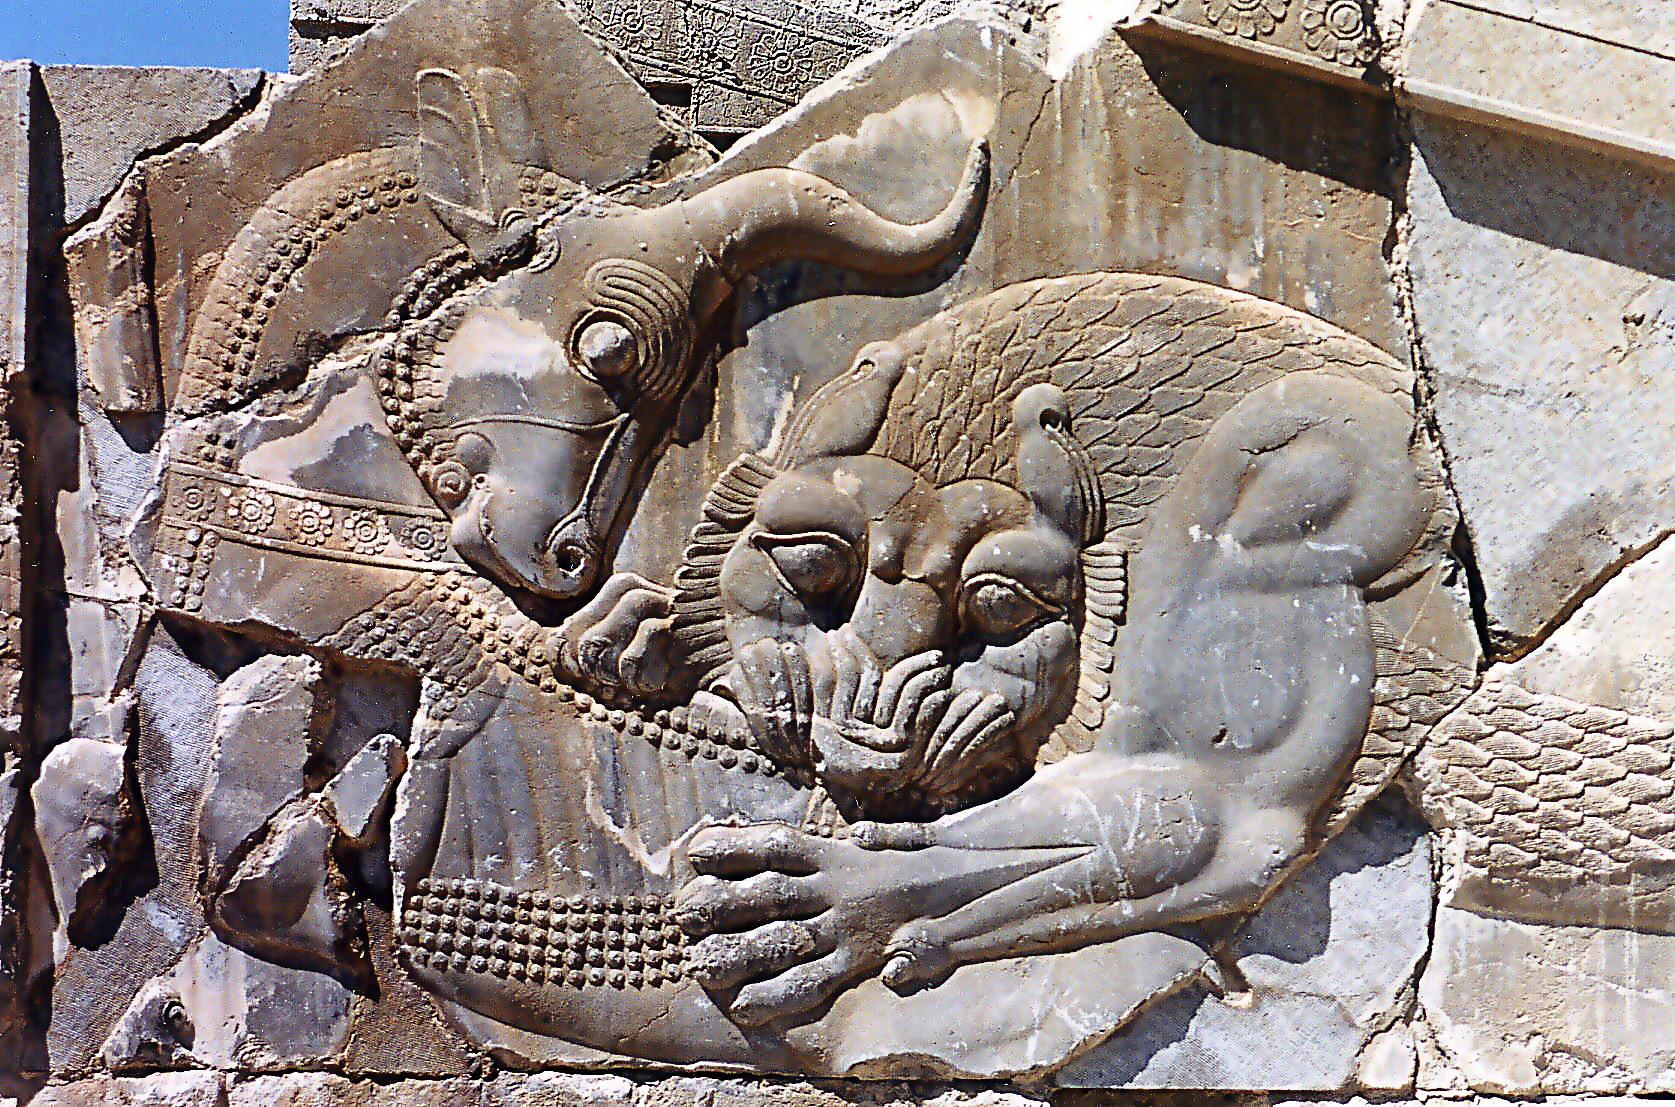 ペルセポリス紹介!イランの世界遺産として有名な観光地を詳しく!